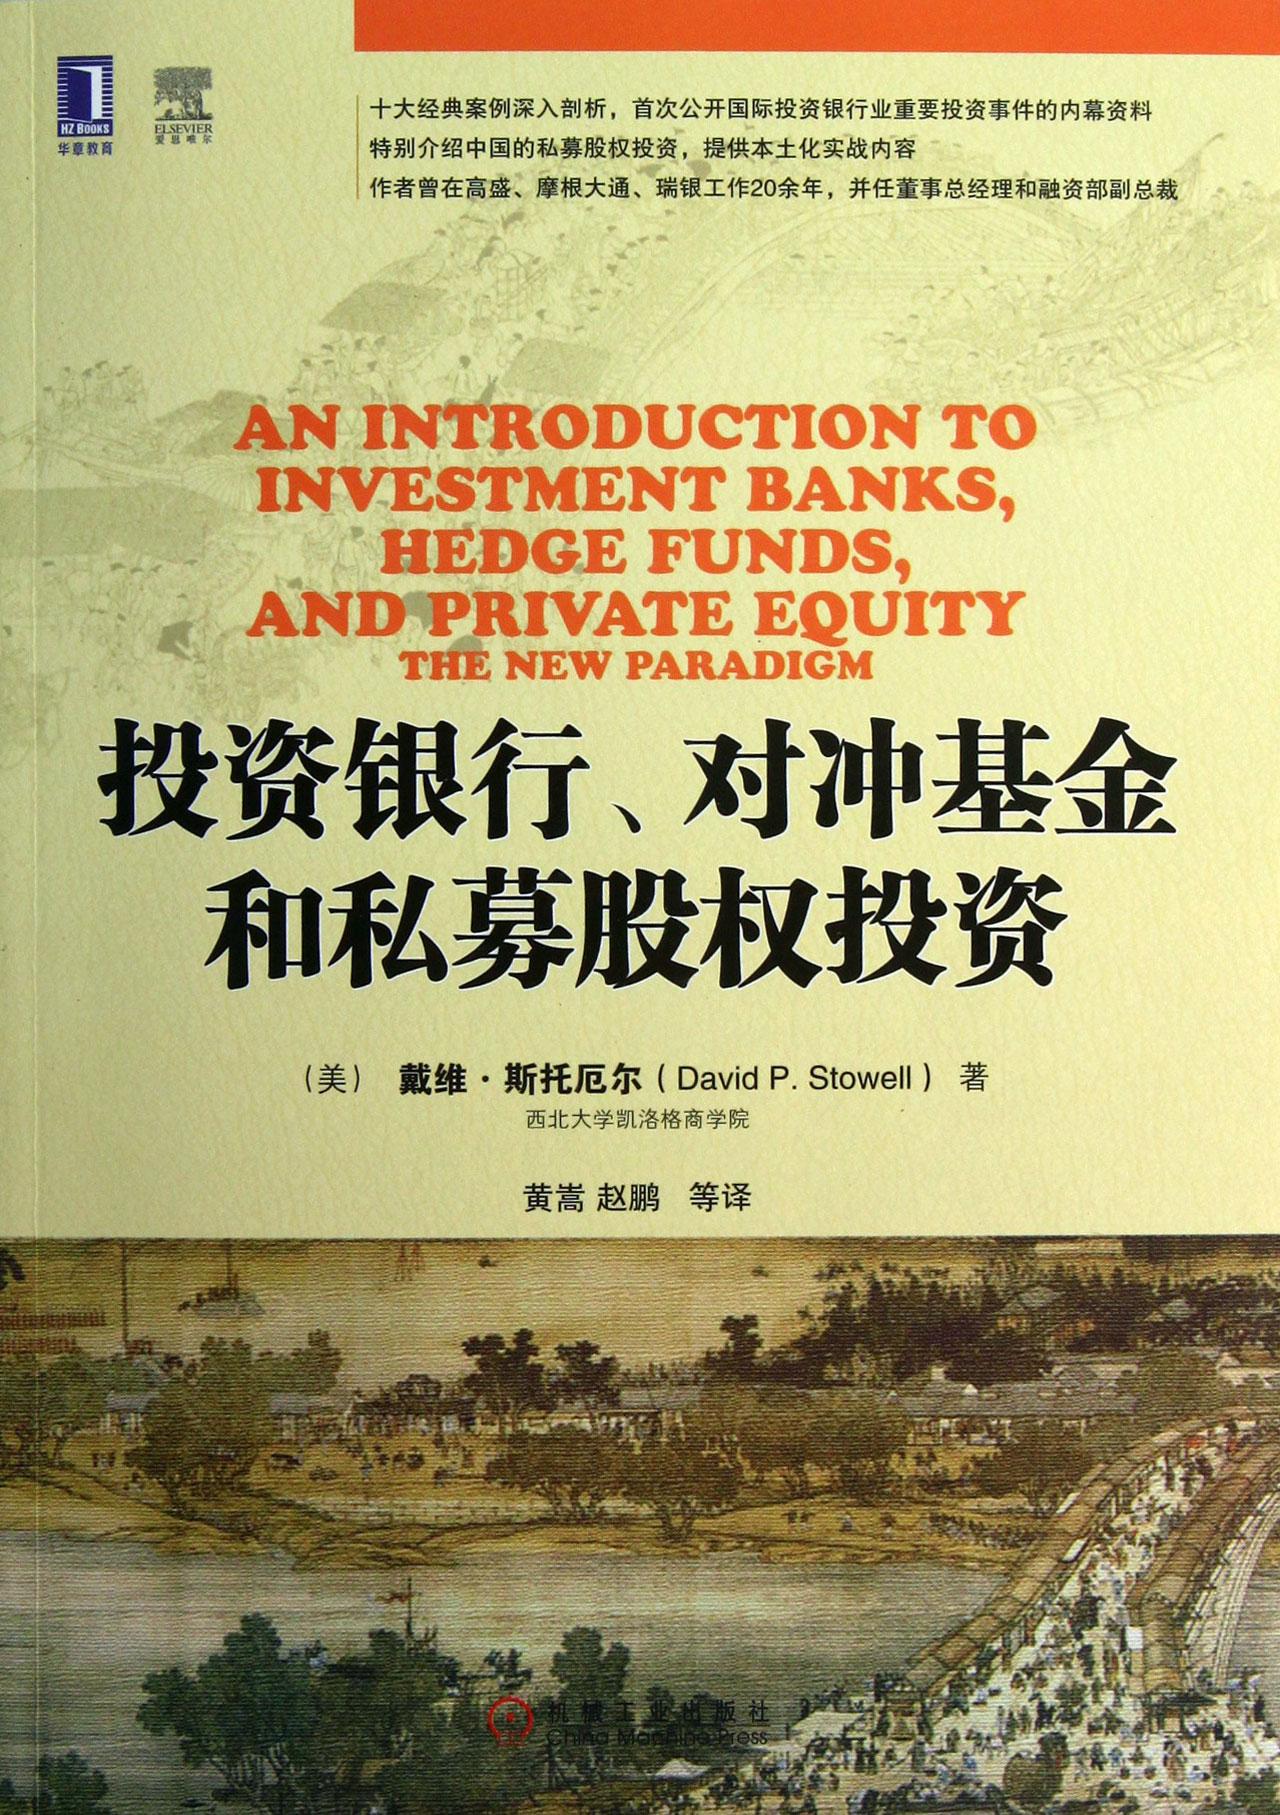 投资银行对冲基金和私募股权投资图片